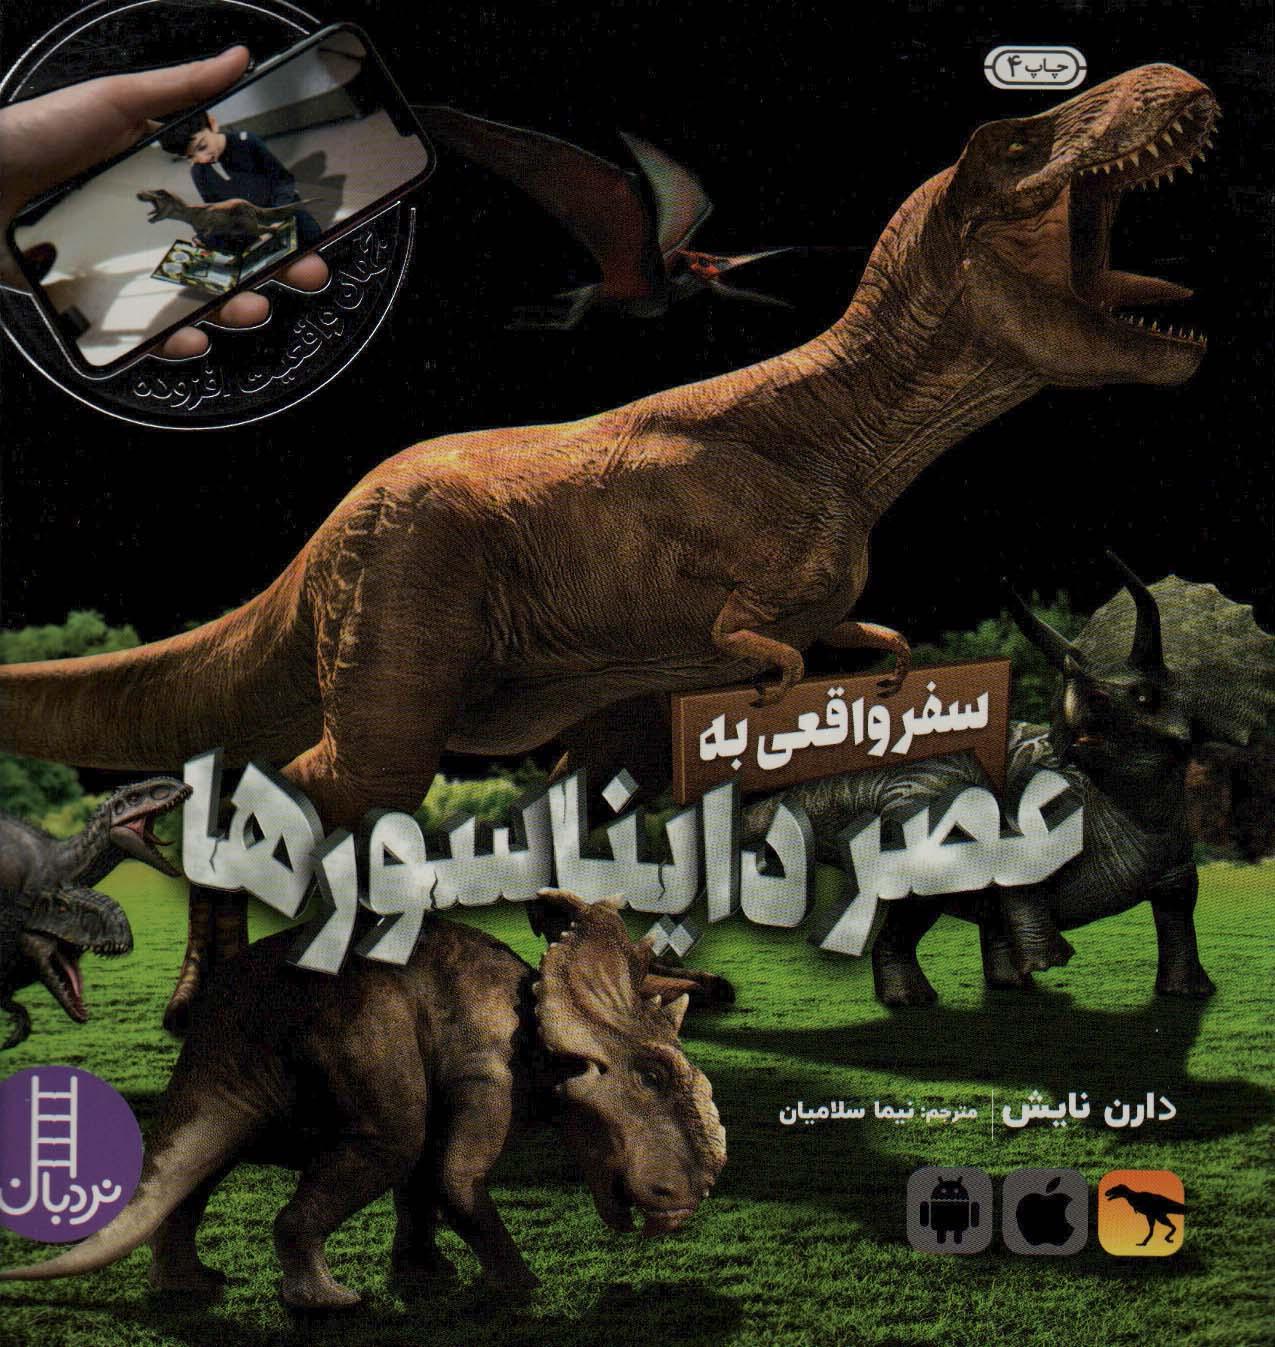 سفر واقعی به عصر دایناسورها (جهان واقعیت افزوده)،(گلاسه)